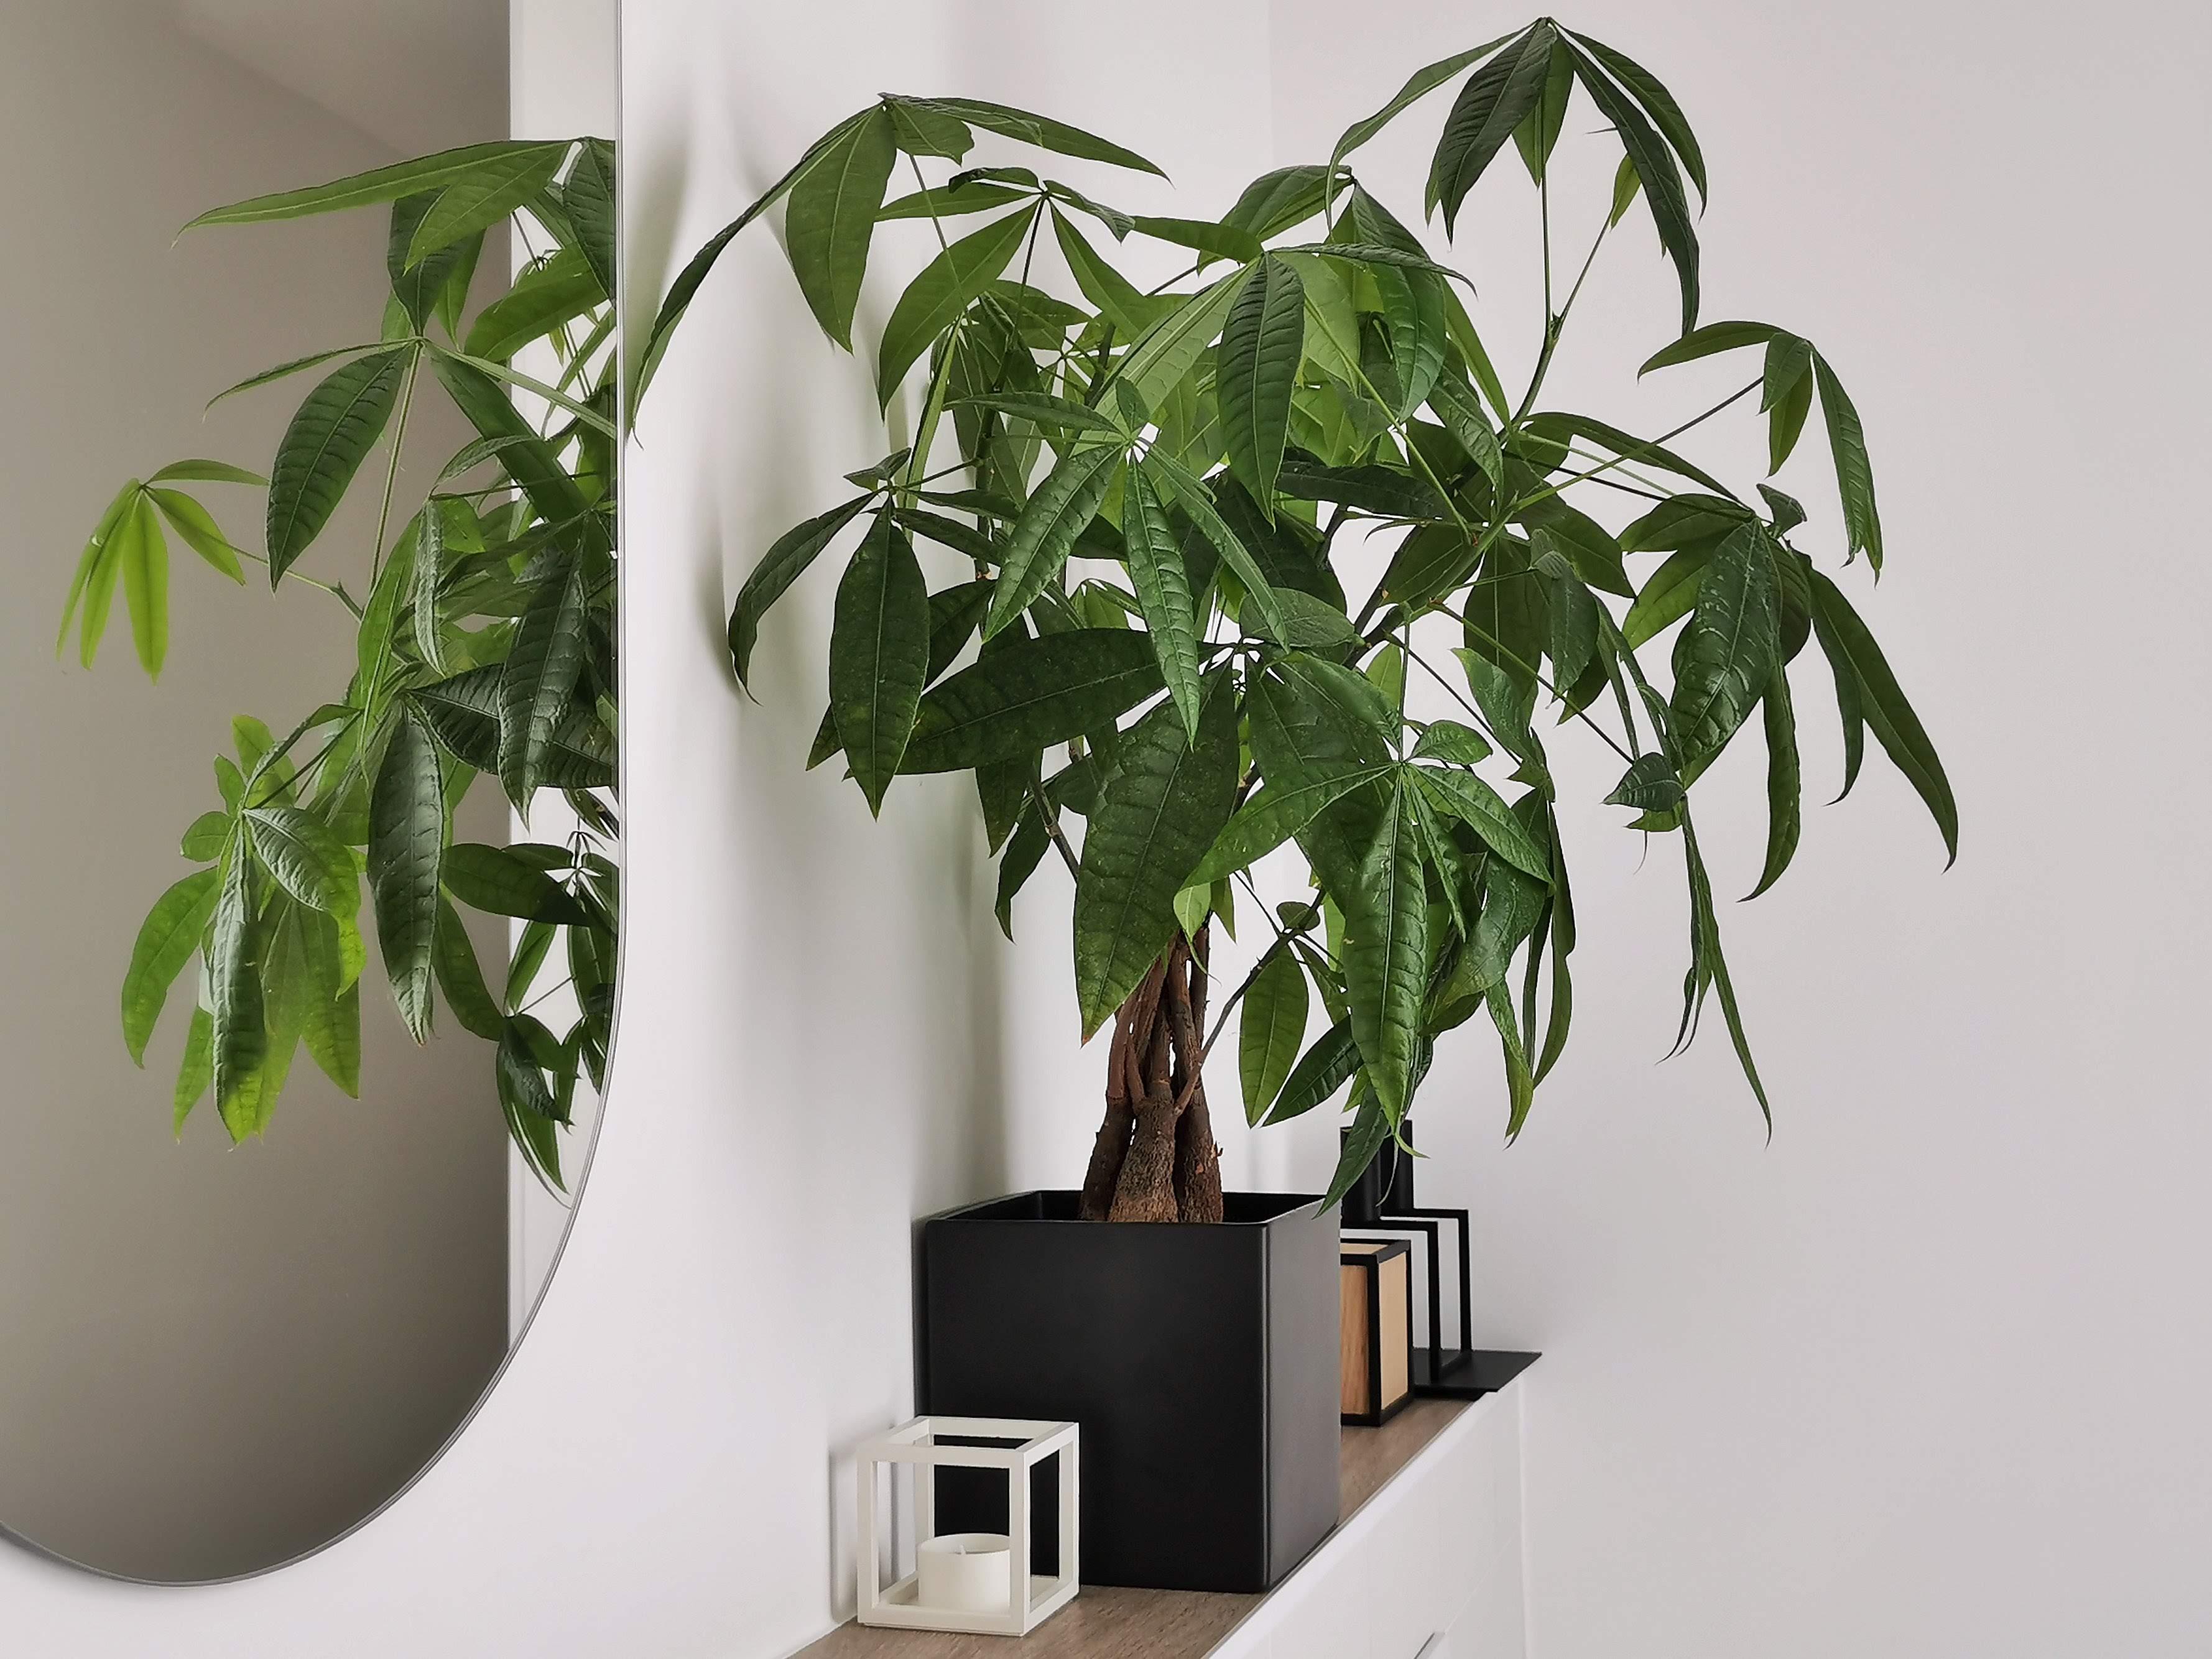 Gestaltung und Deko-Ideen im Badezimmer | mammilade.com